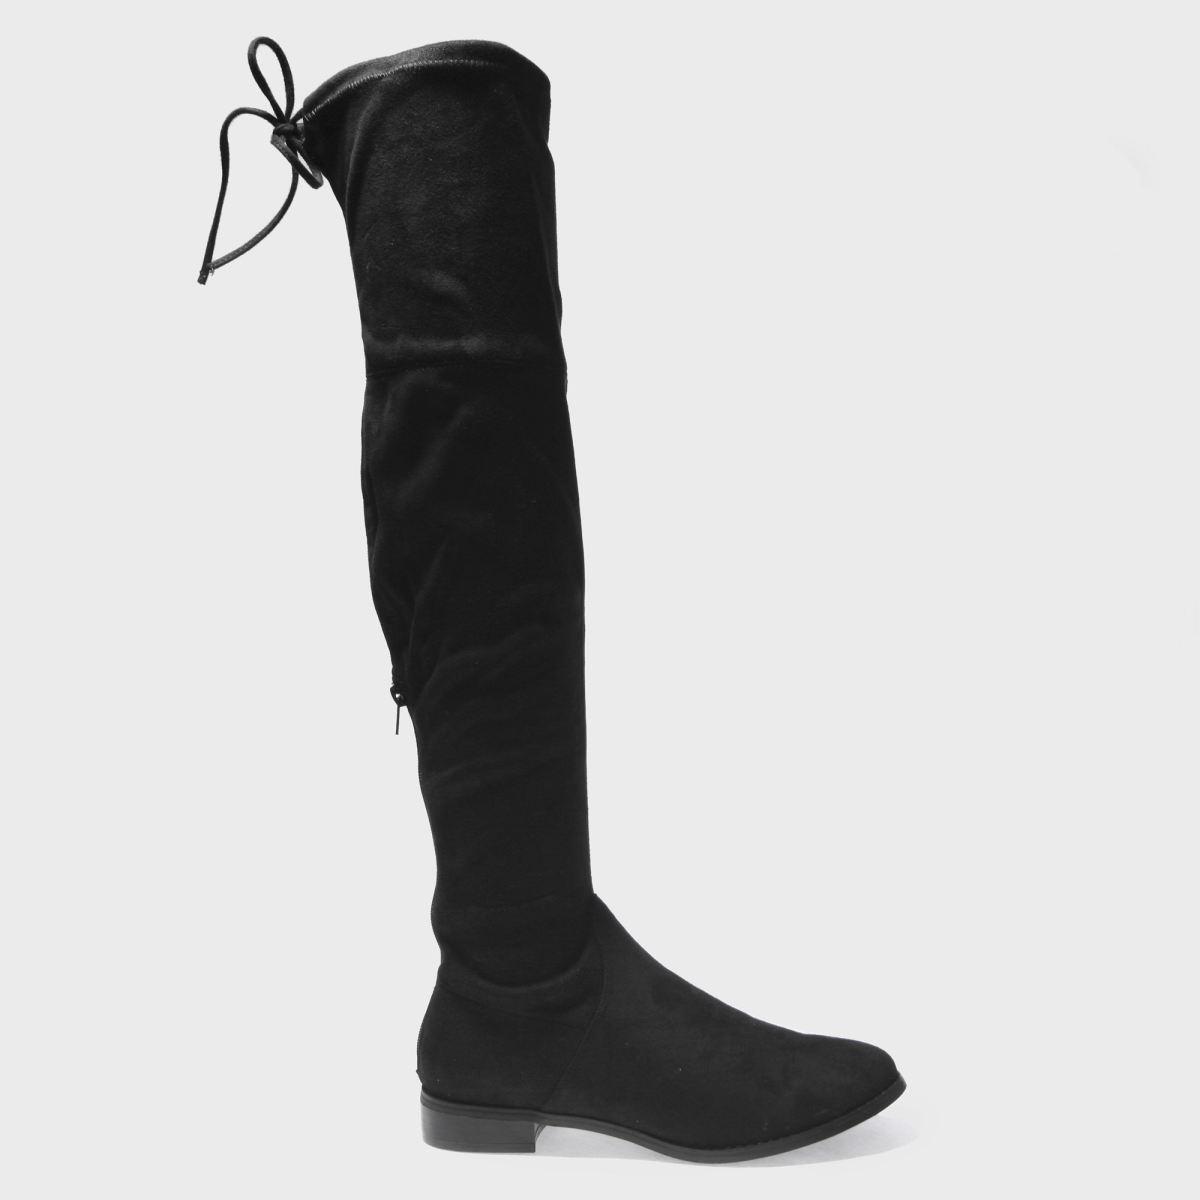 Schuh Black Runner Boots